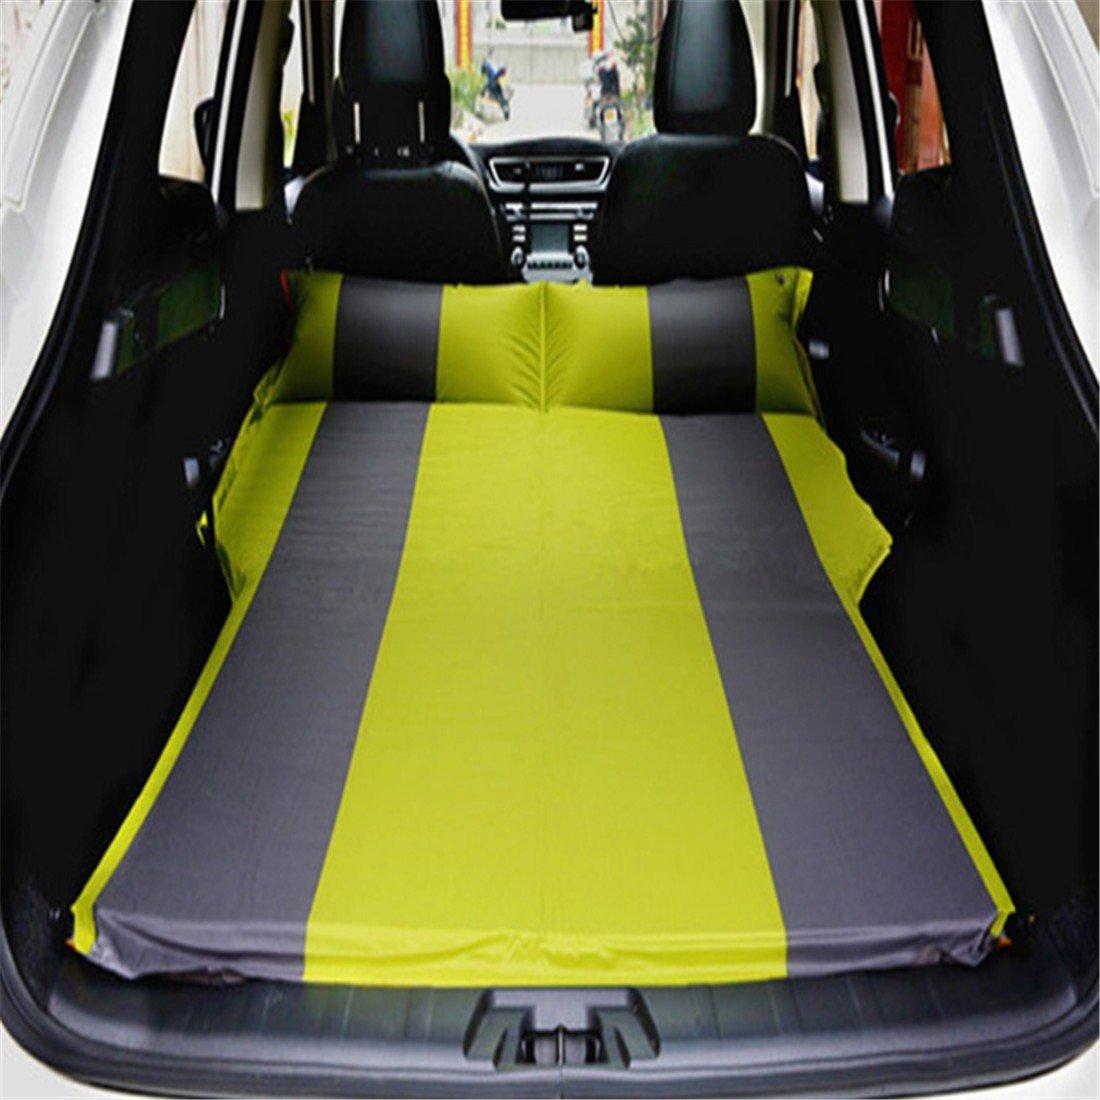 STAZSX Autoreisebettauto von der aufblasbaren Matratze der Matratze im Freien, grünes Grau